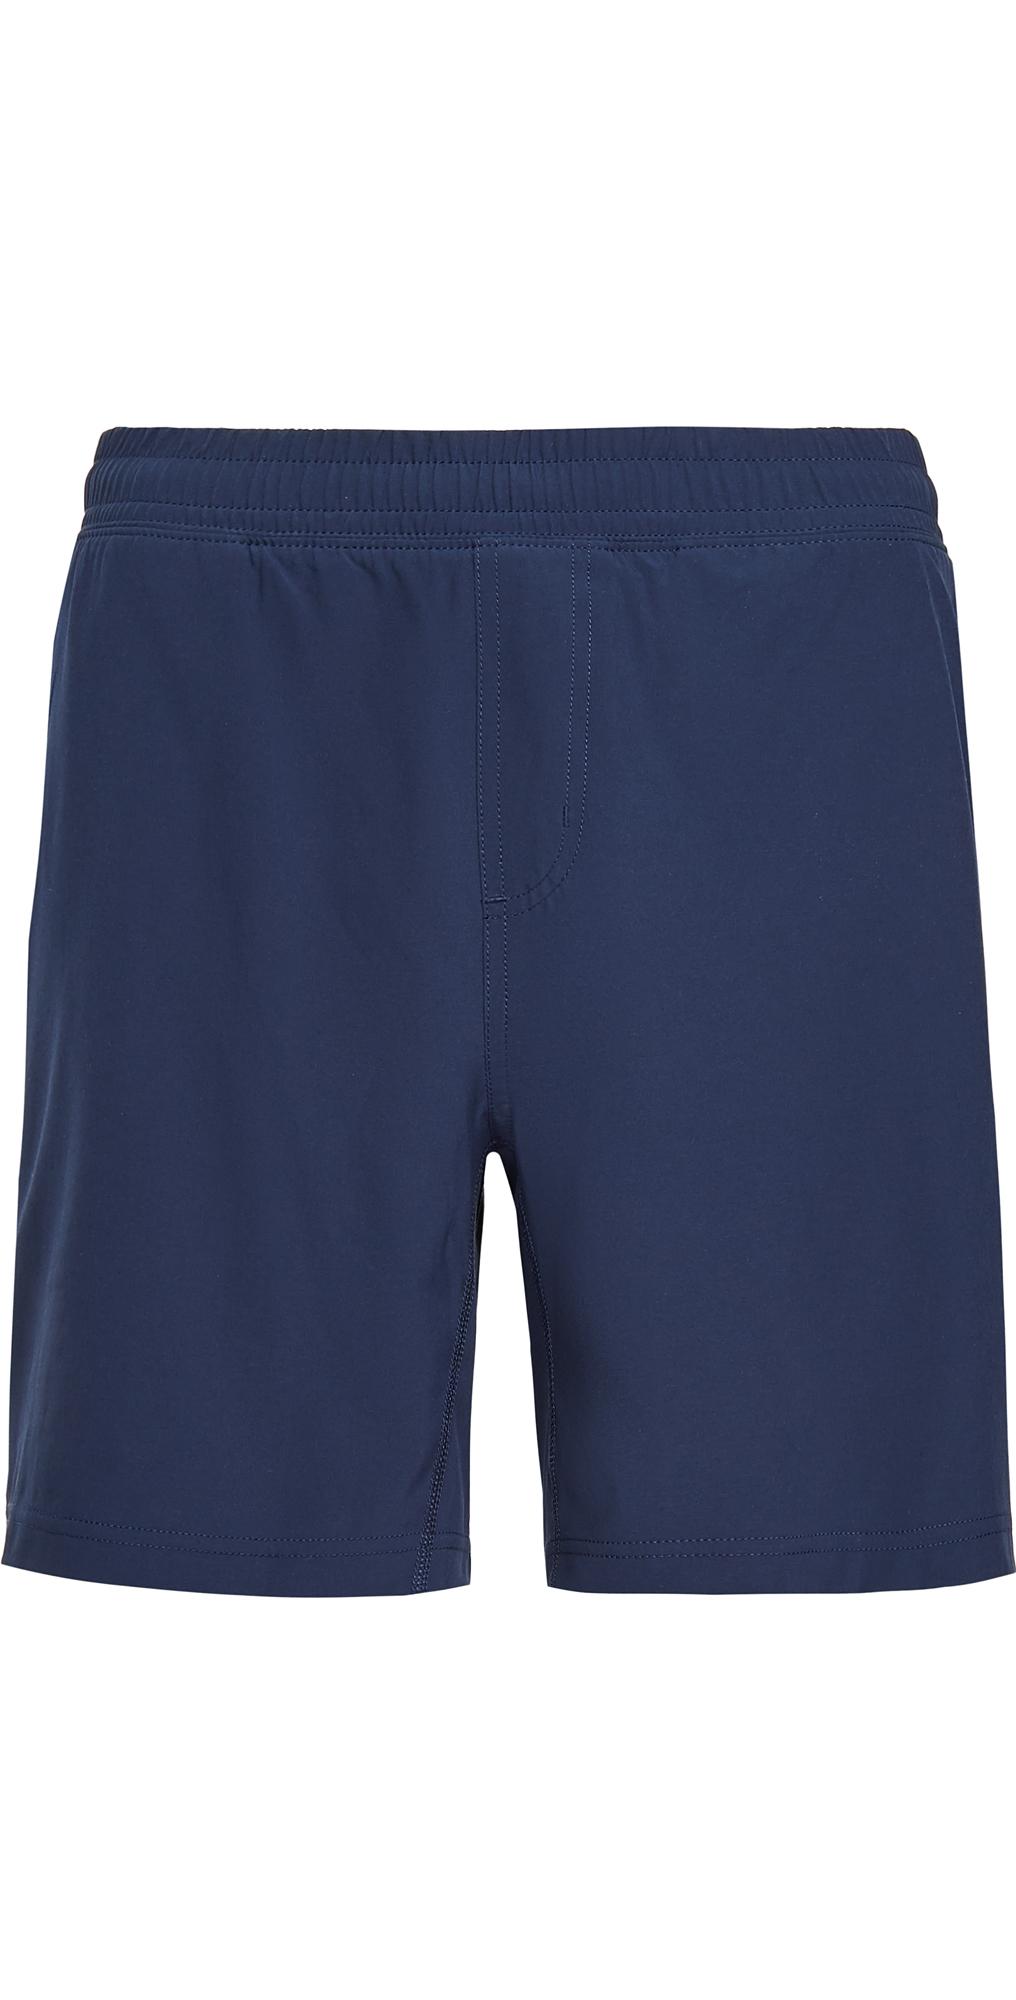 Rhone 7 Mako Shorts